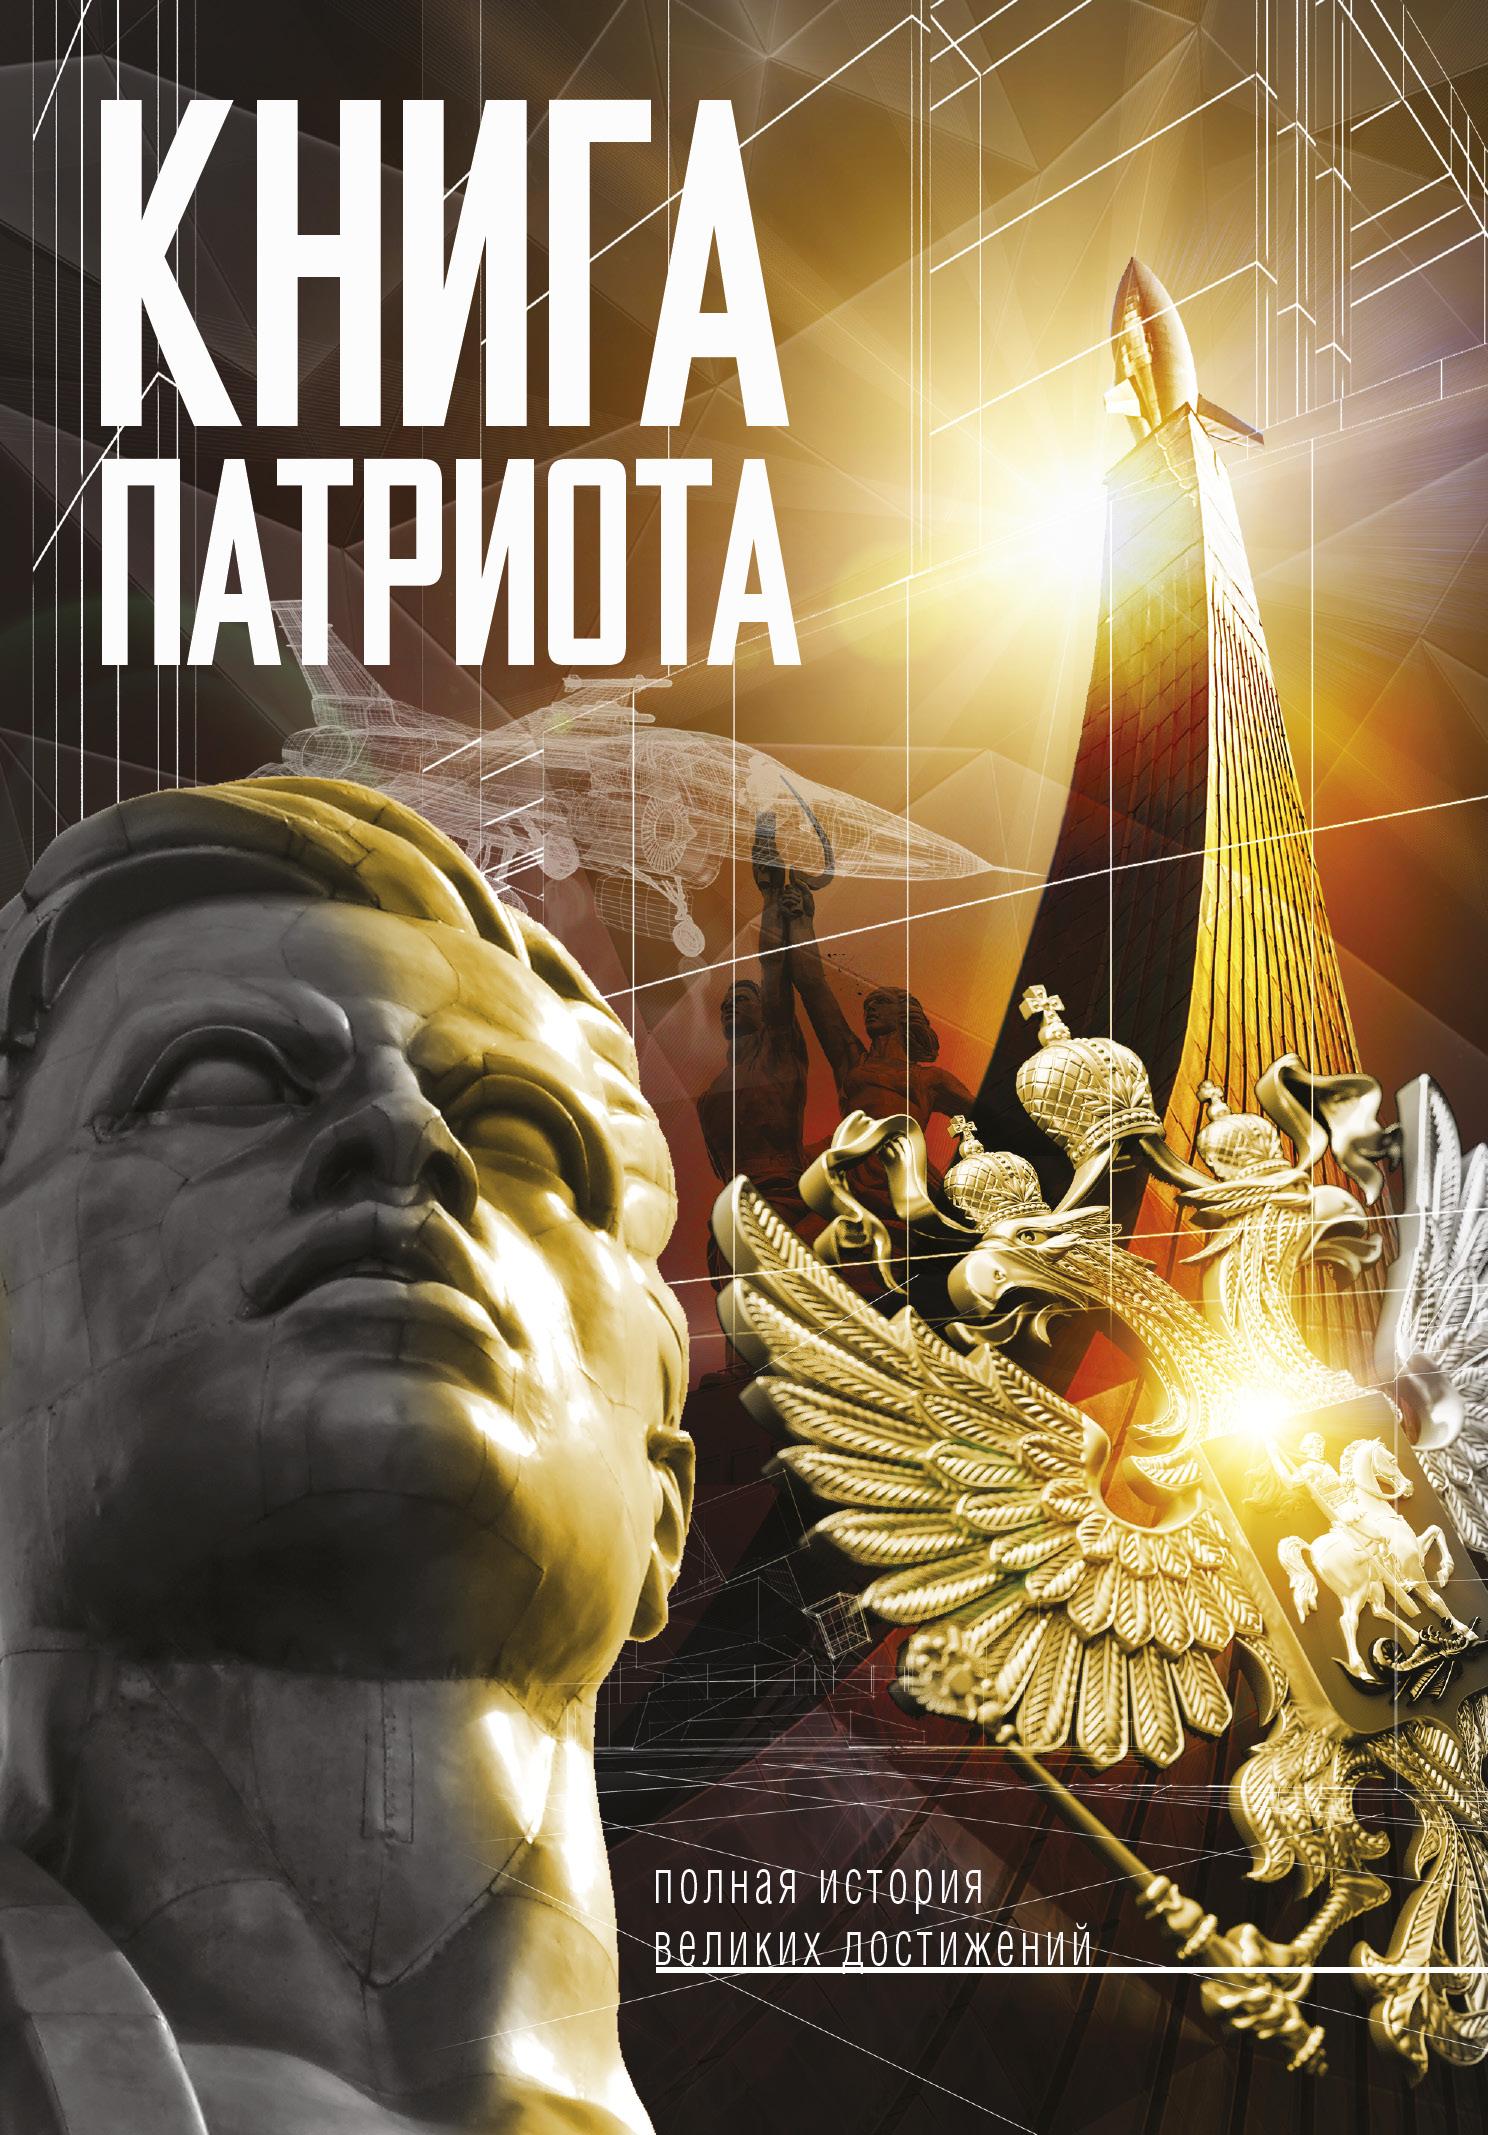 Книга патриота ( Нечаев Сергей Юрьевич  )